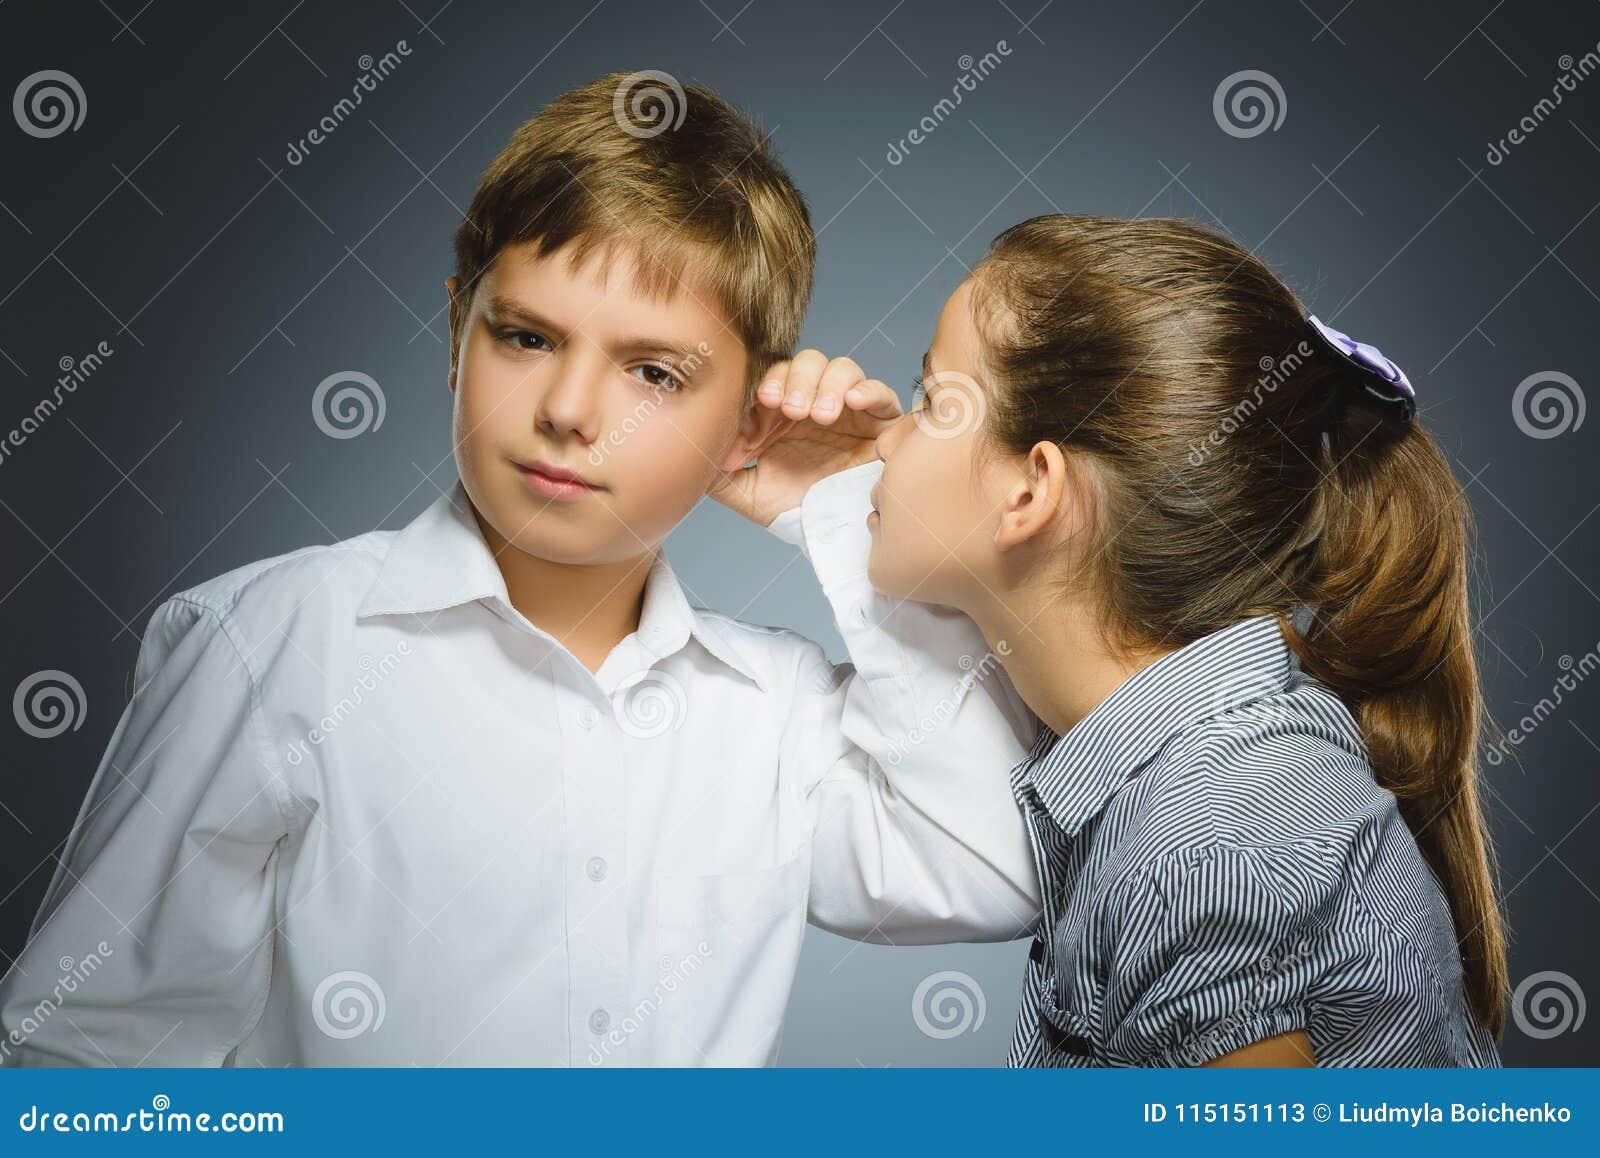 Nastoletnia dziewczyna szepcze w ucho chłopiec na szarym tle czarny komunikacji koncepcji odbiorców telefon